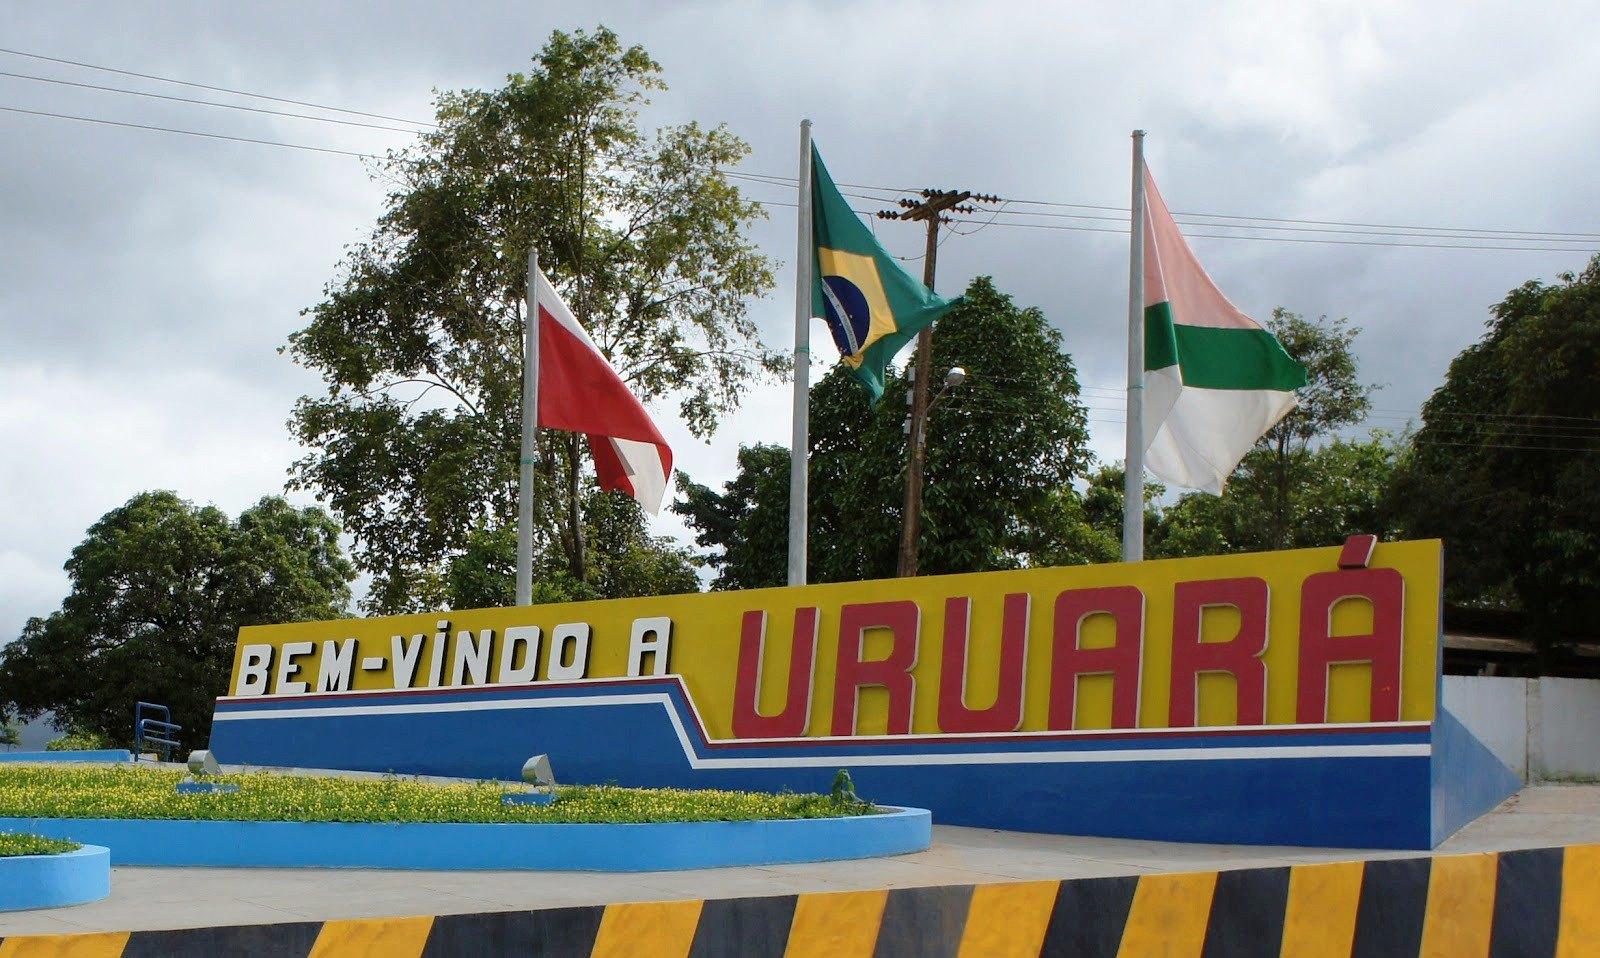 Uruará, Mojuí dos Campos, Conceição do Araguaia e Juruti em 5 notas curtas, Uruará